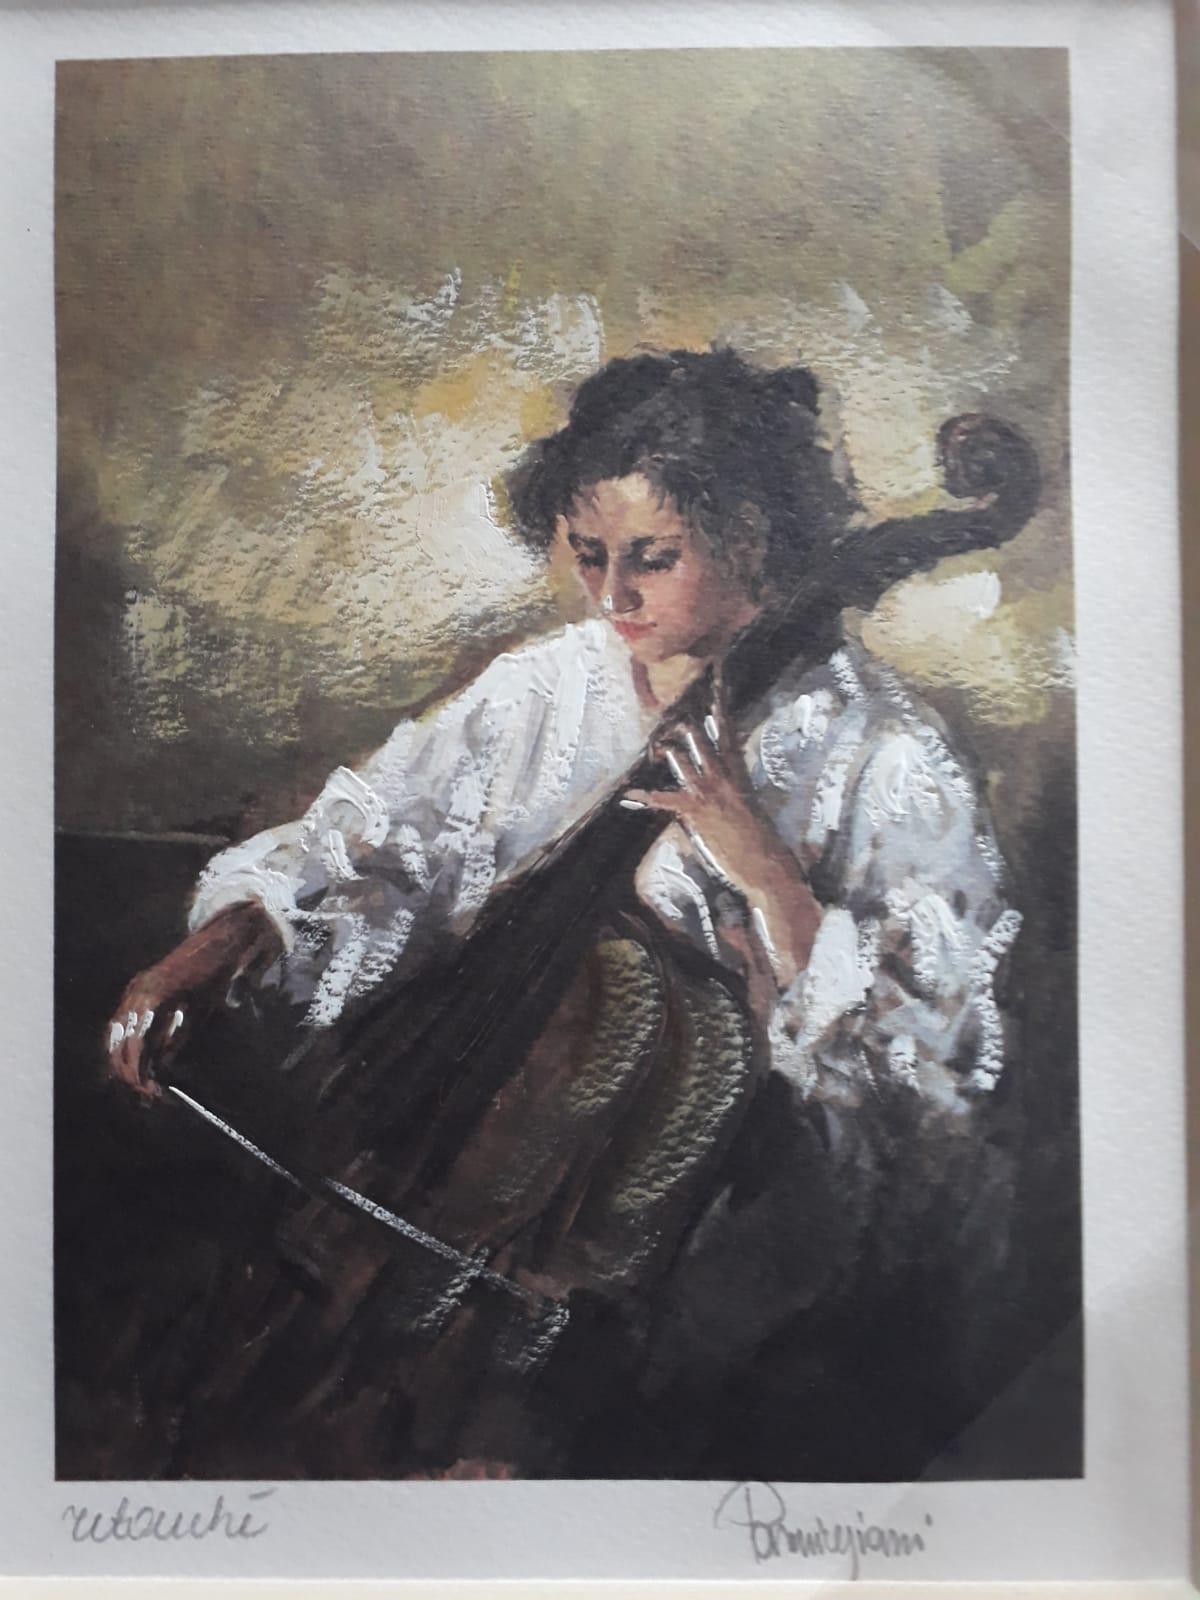 Aldo Parmigiani – Senza titolo